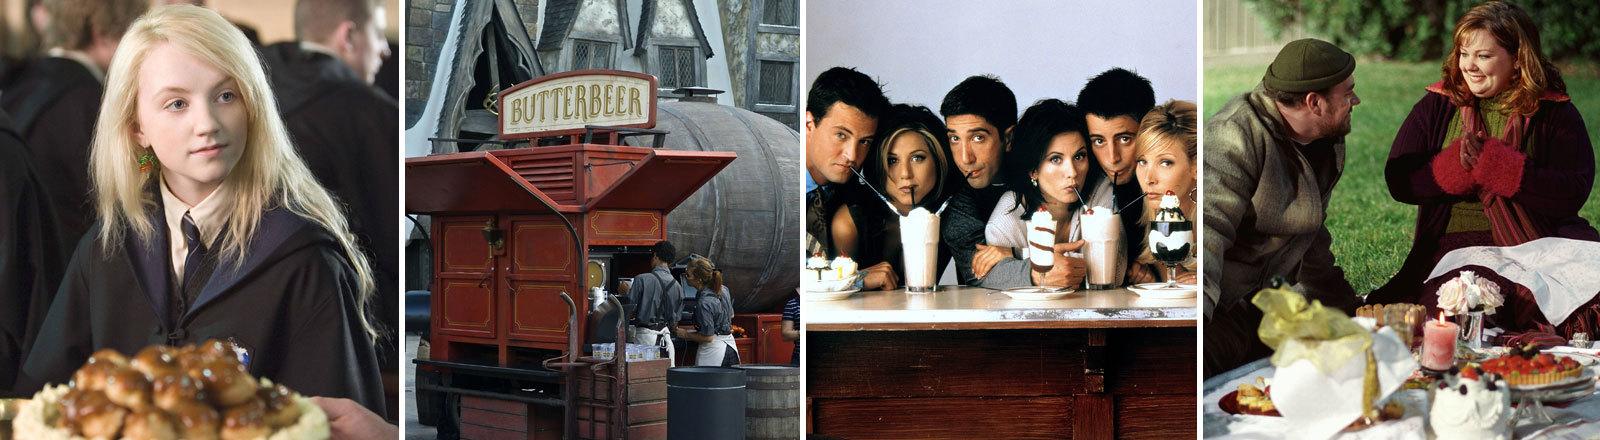 Szenen aus den Serien Friends, Gilmore Girls und Harry Potter und ein großes Fass mit Butterbier.